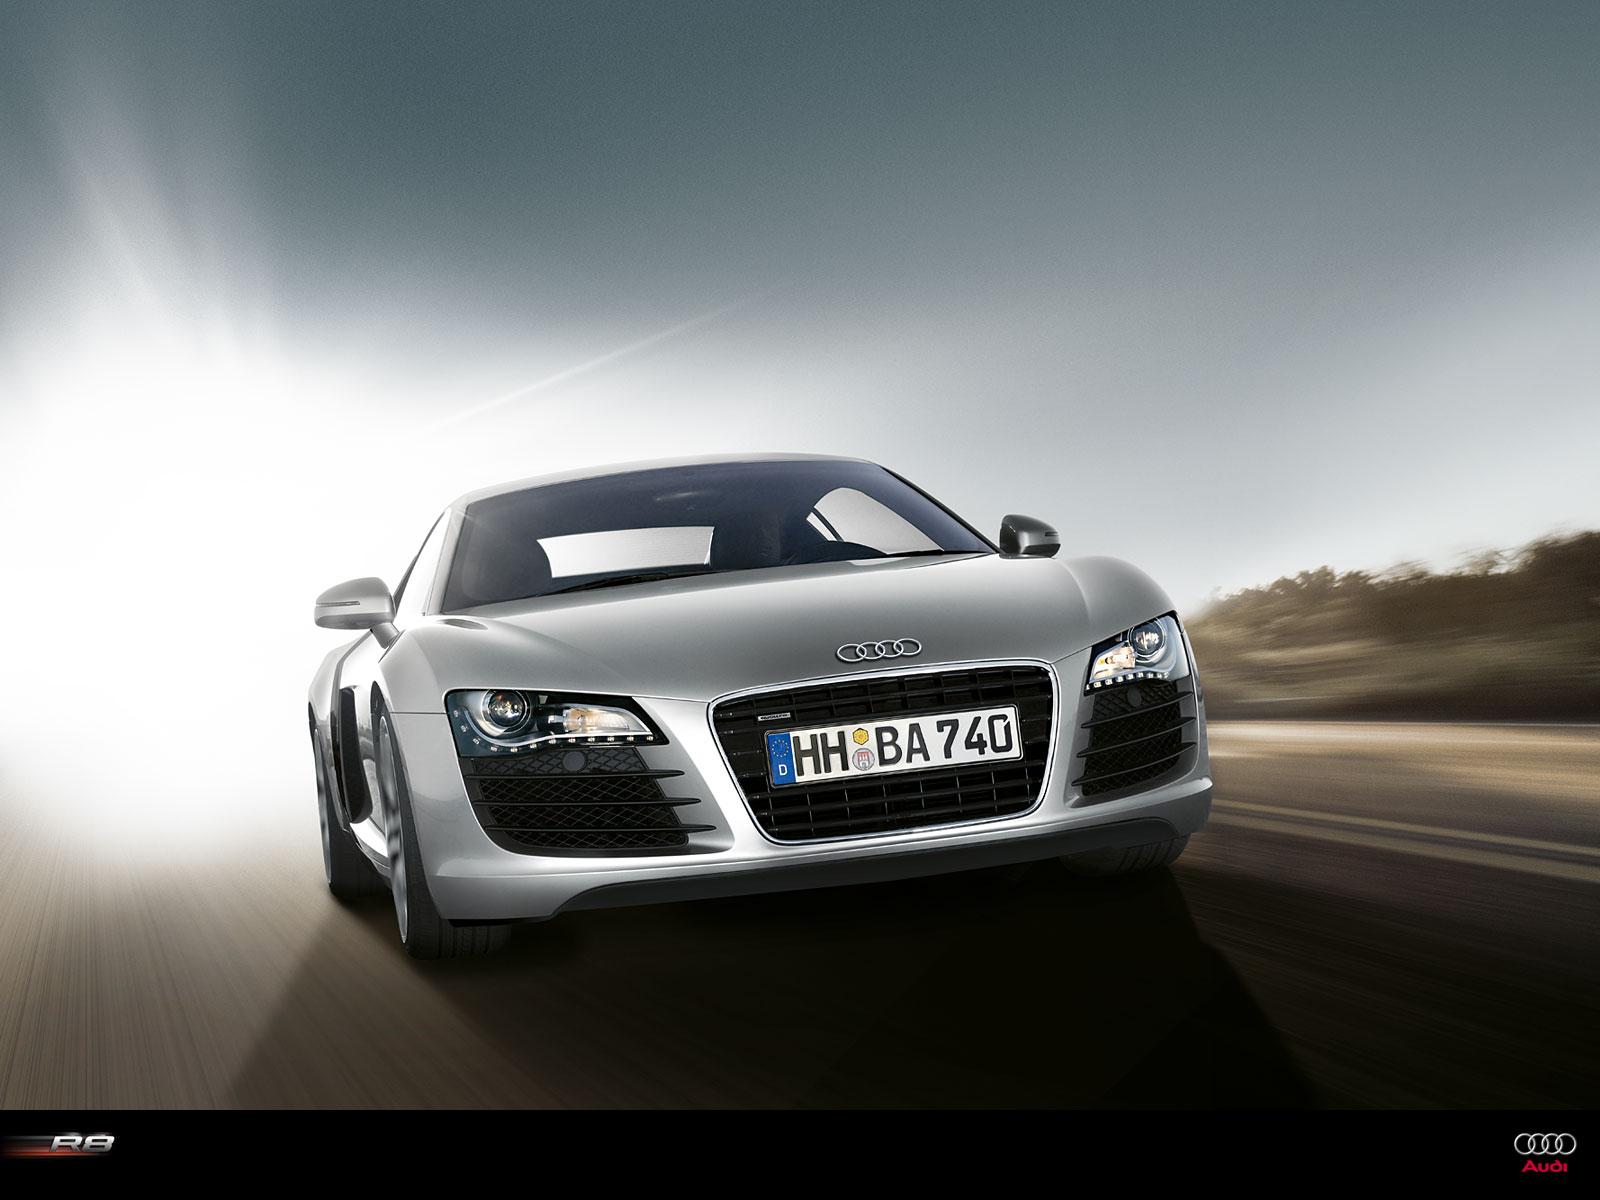 http://1.bp.blogspot.com/_v5h2qxDB1io/TTyhvNqXoVI/AAAAAAAABkU/UxxDQ-osRZA/s1600/Super+Cars+43+-+01%252Bwww.myhd.tk++%252866%2529.jpg